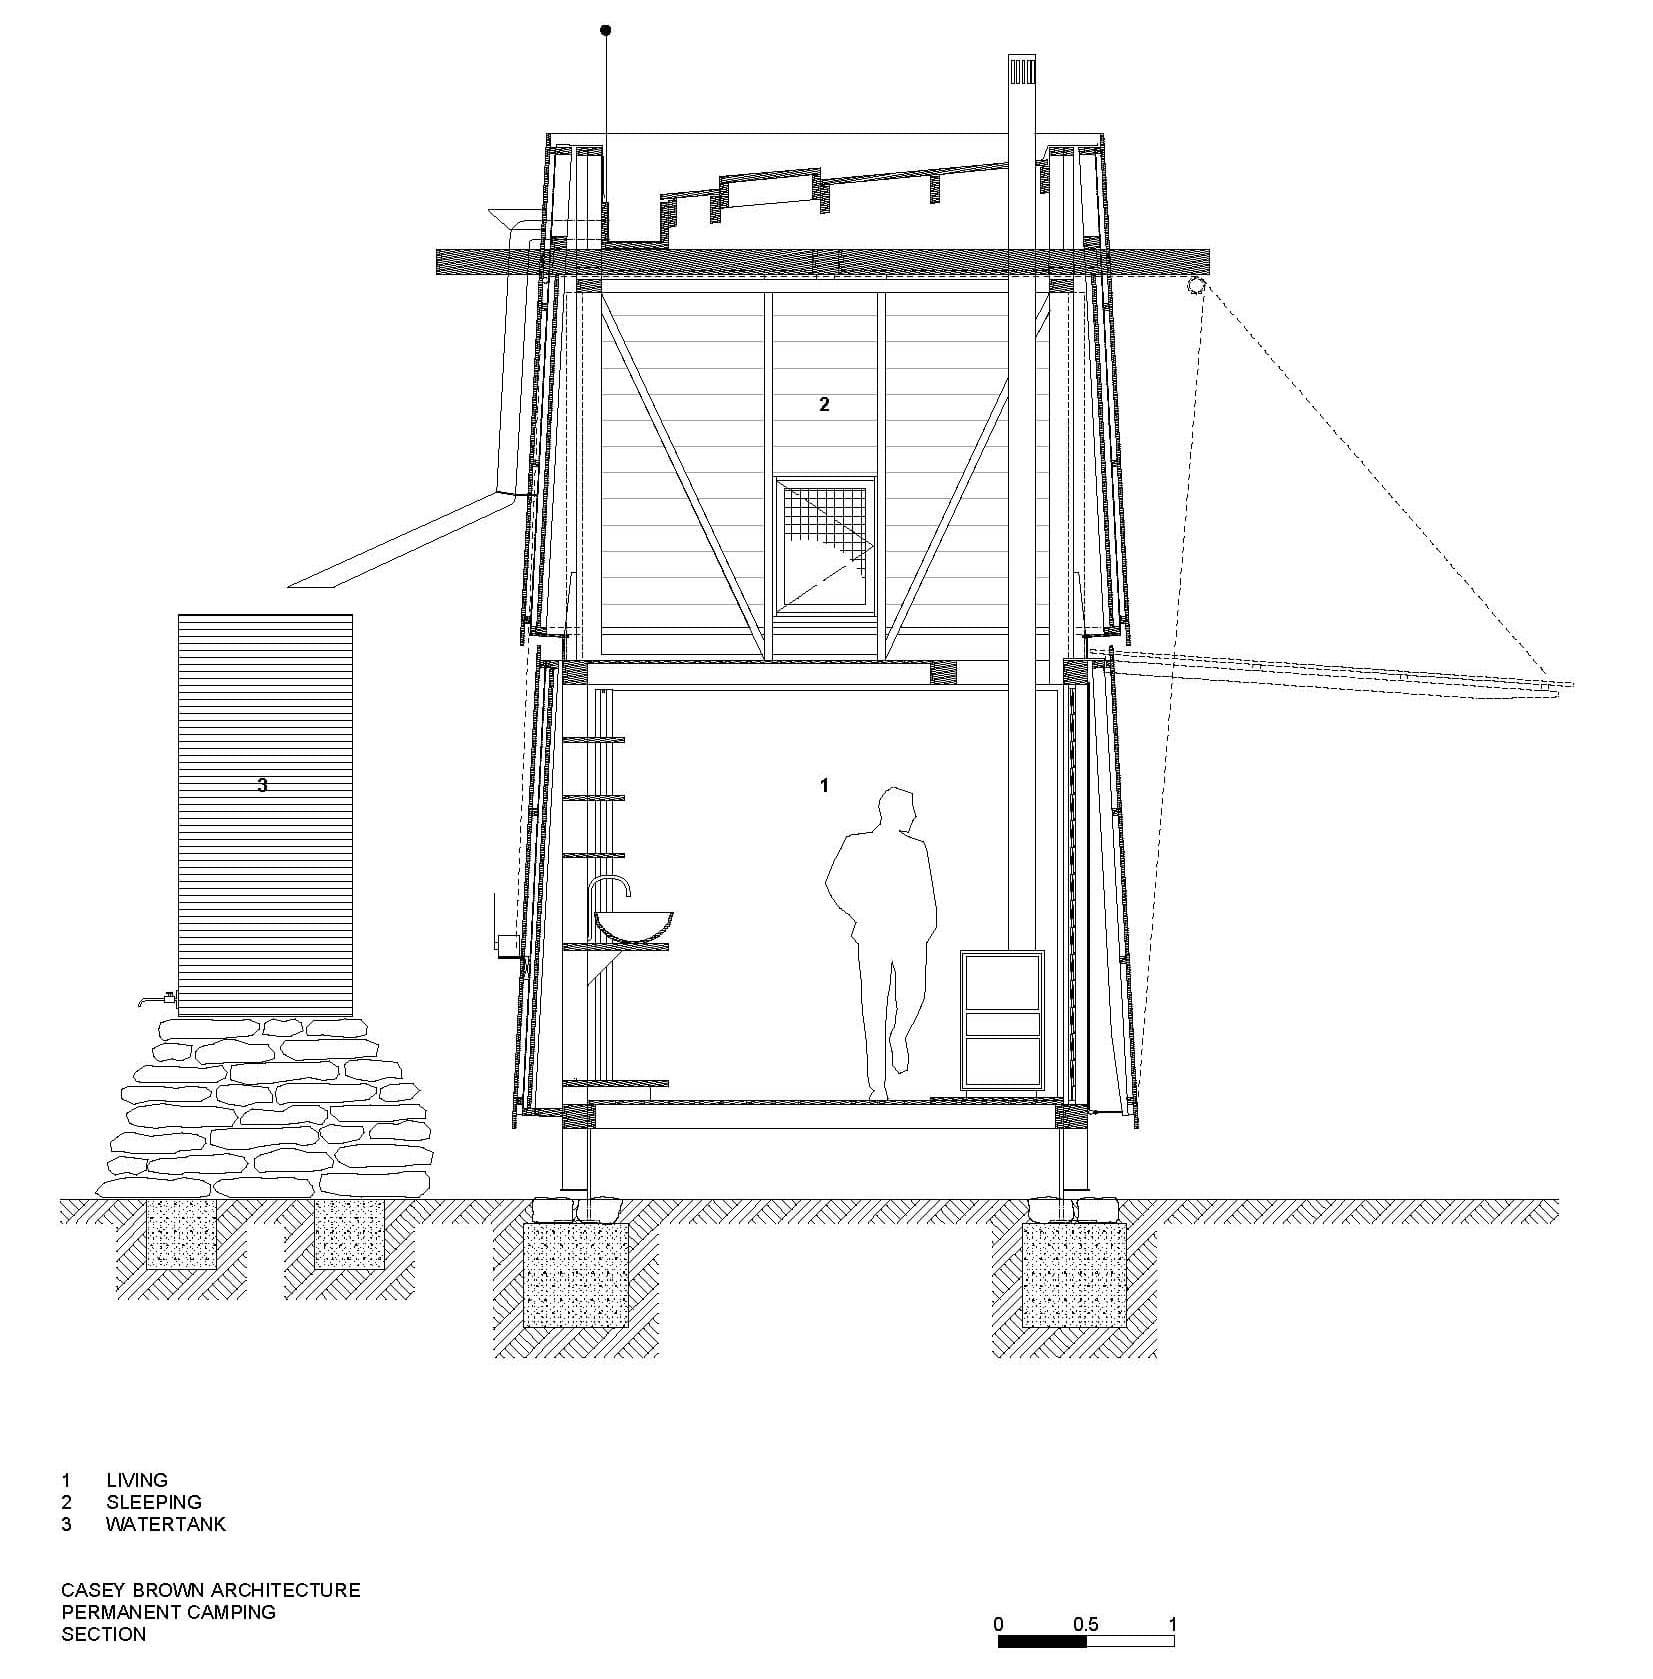 Dise o de casa peque a de campo interiores y planos for Crear planos casas